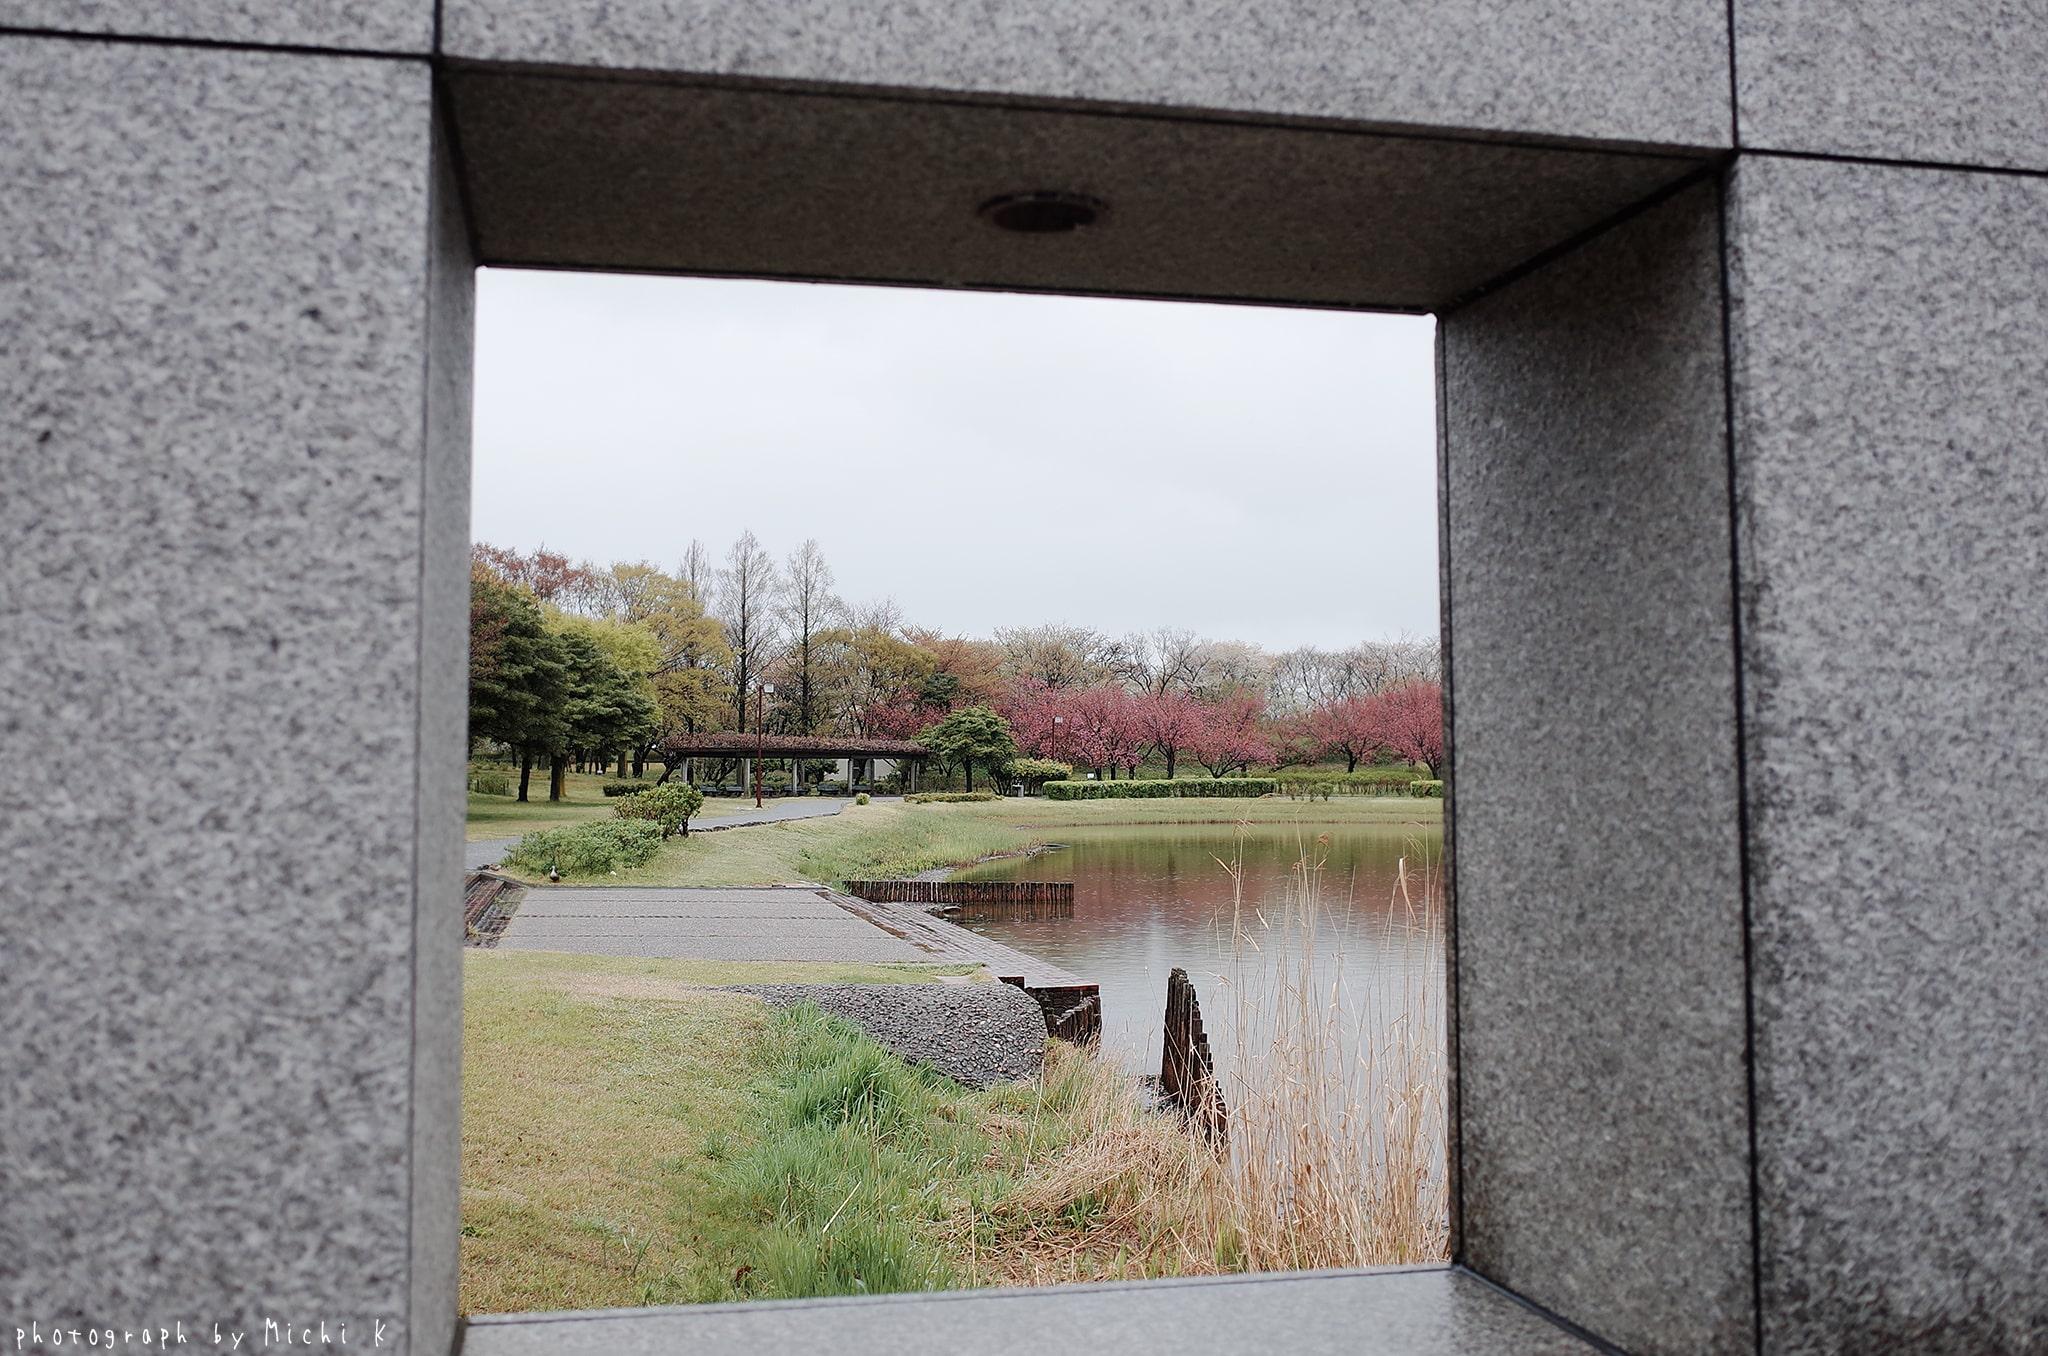 土門拳記念館2019-4-27朝(写真その8)